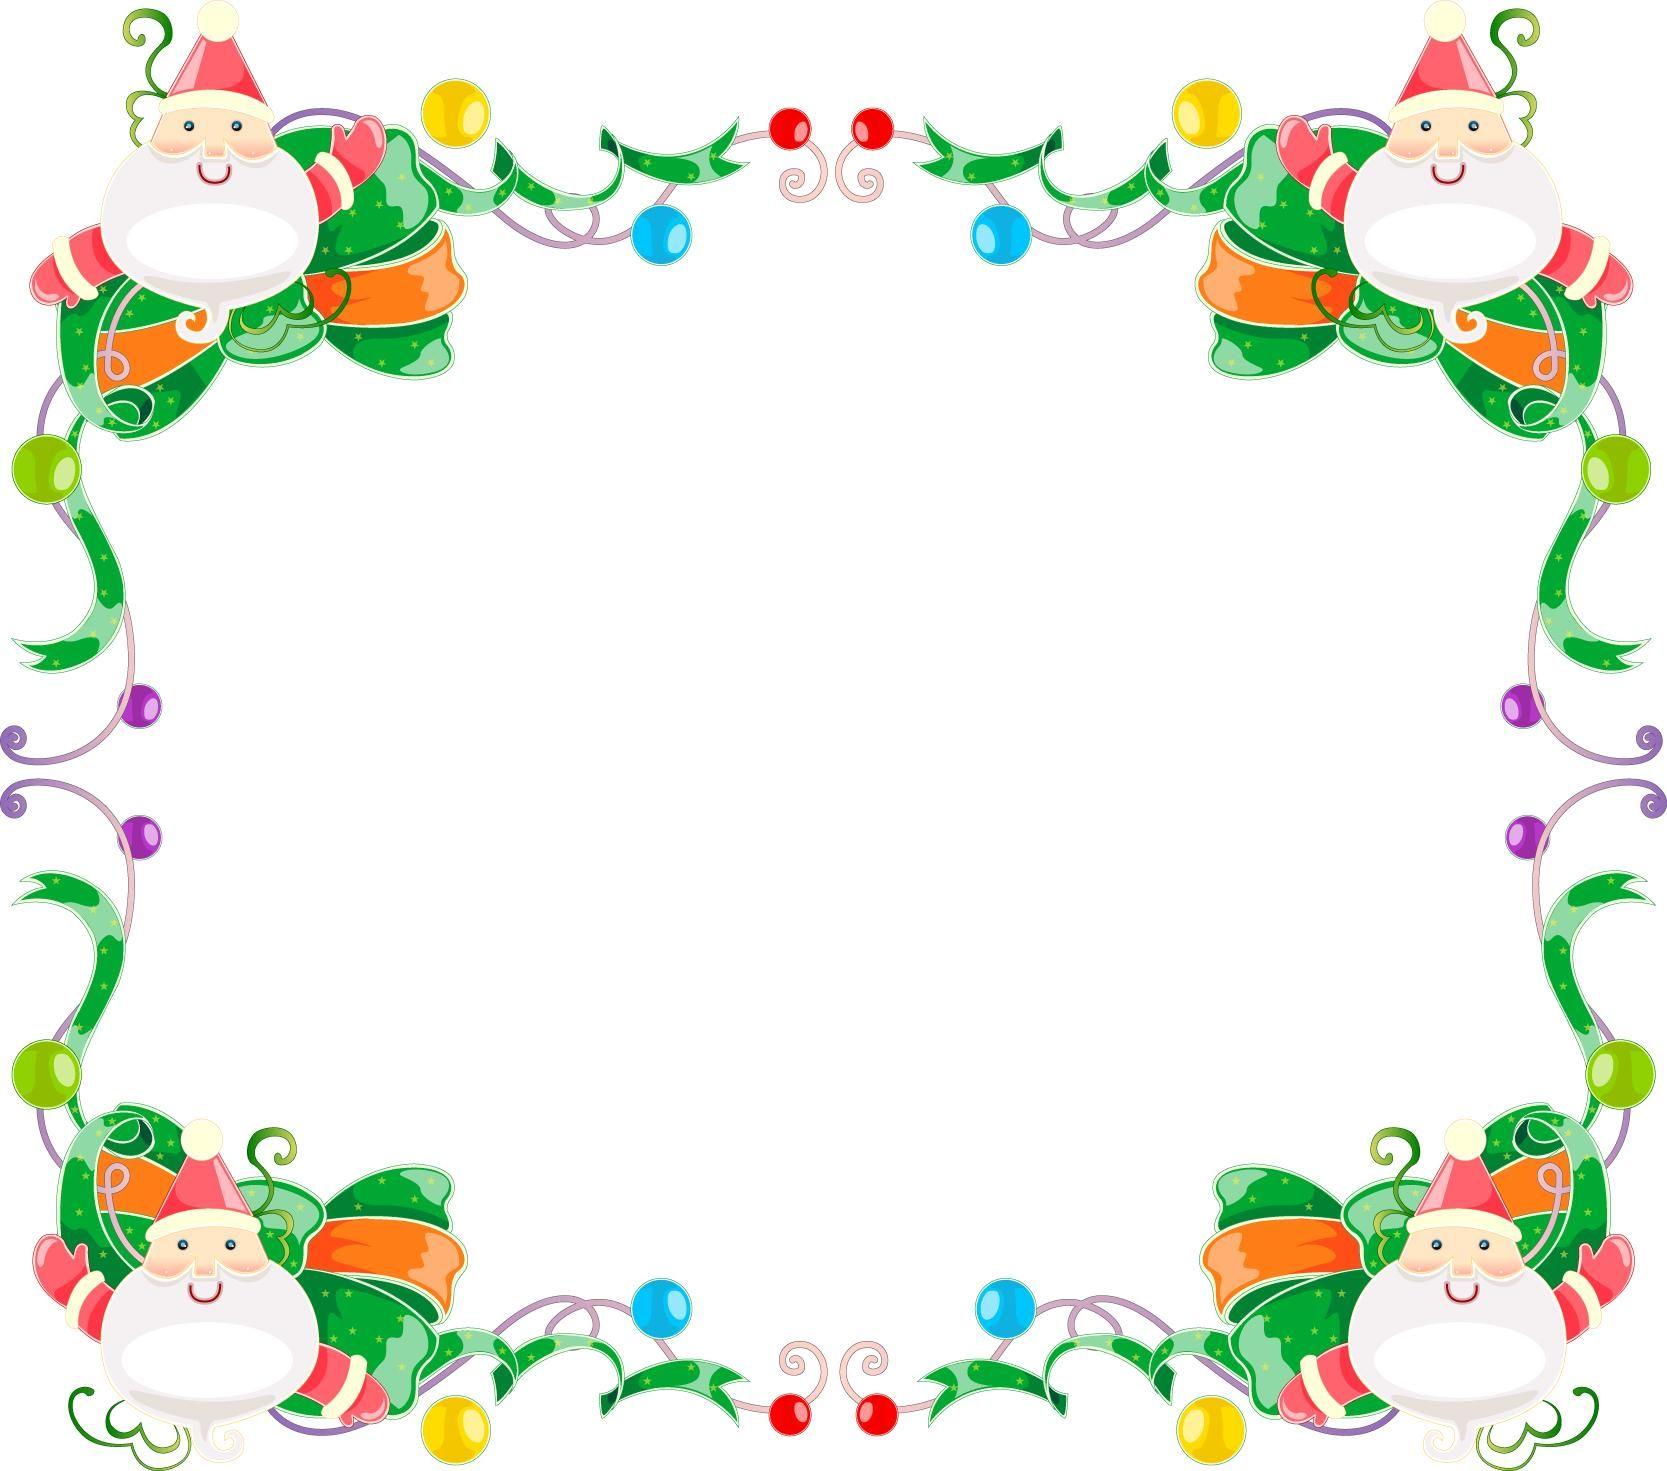 Xmas Border Designs Festa de natal, Natal, Cartões de natal